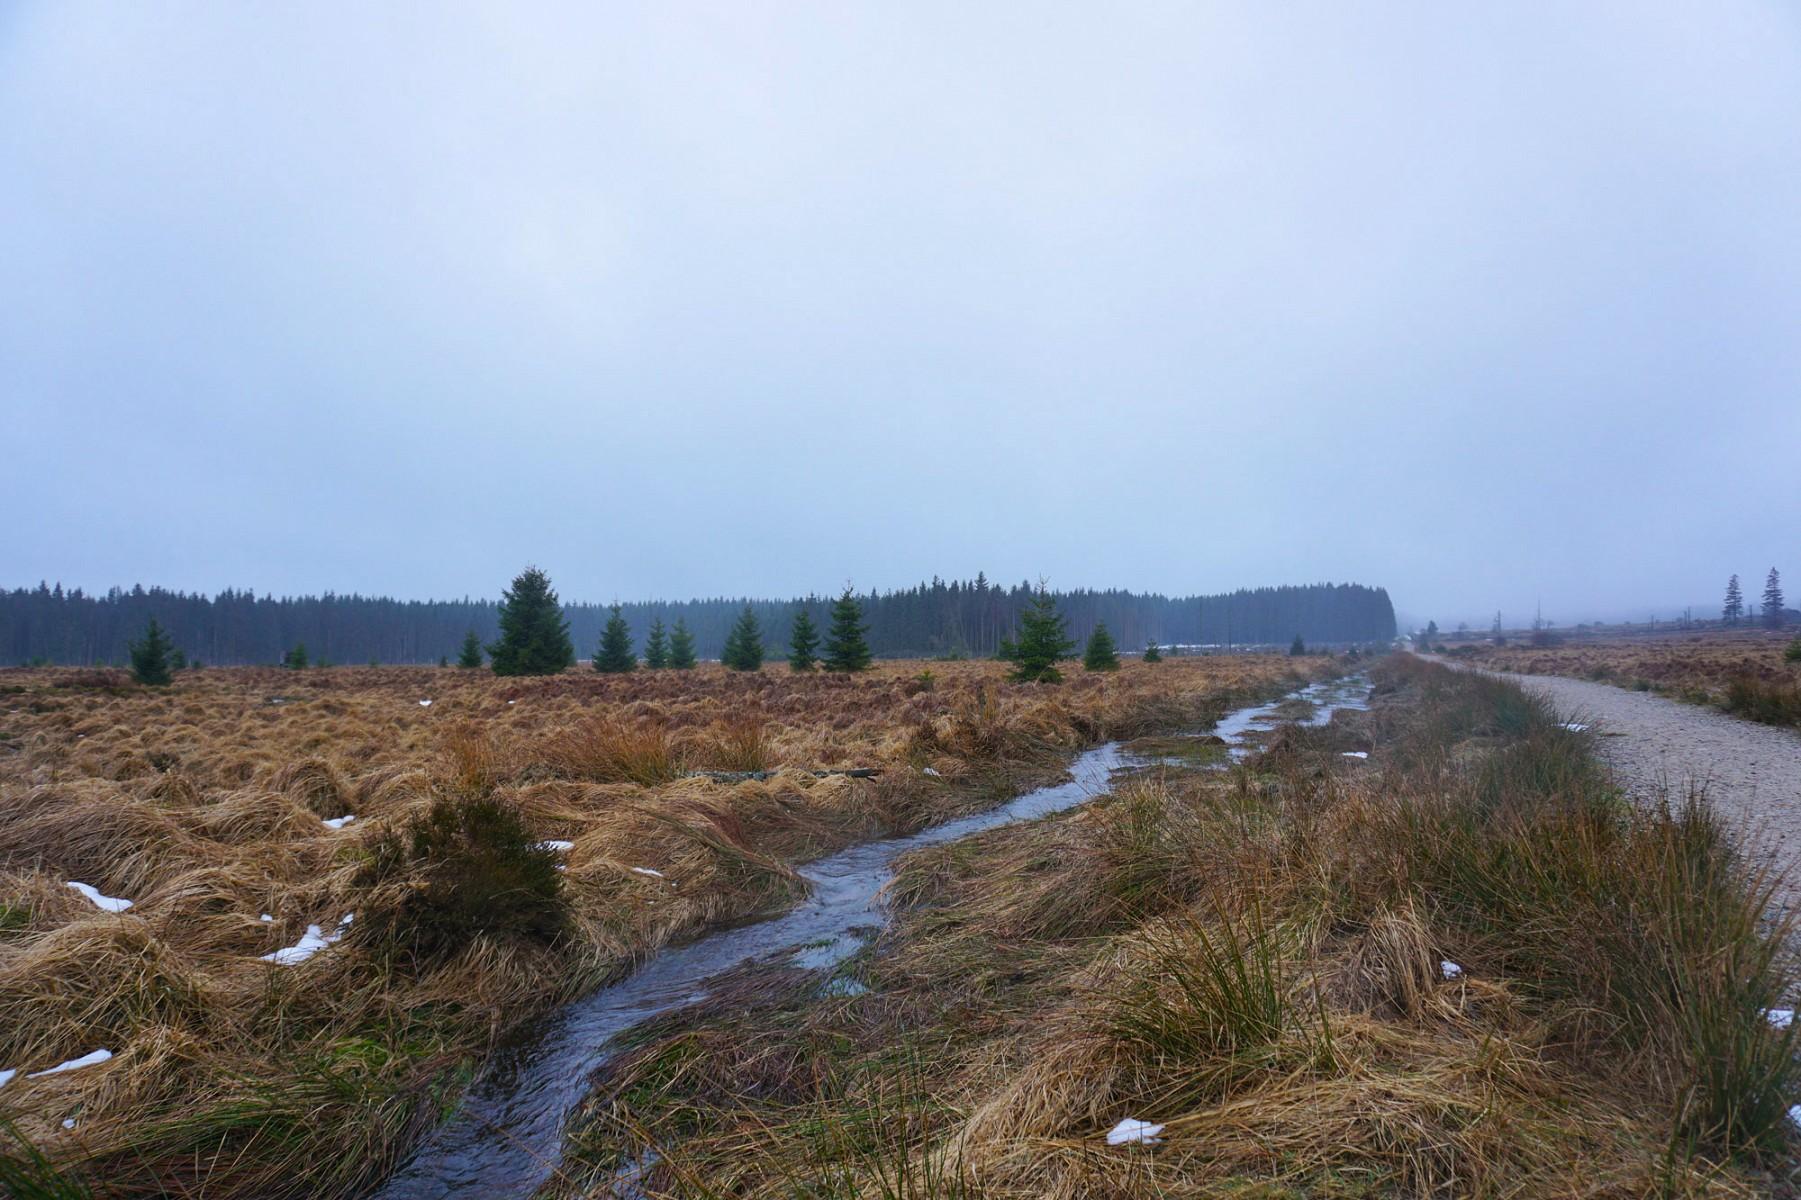 pMeine-Etappe-auf-dem-GR573-startet-mit-einer-3-km-langen-Gerade-Hier-ein-Ruumlckblick-auf-meinen-im-Nebel-liegenden-Startpunkt-Signal-de-Botrange-dennbsphoumlchsten-Punkt-Belgiensp